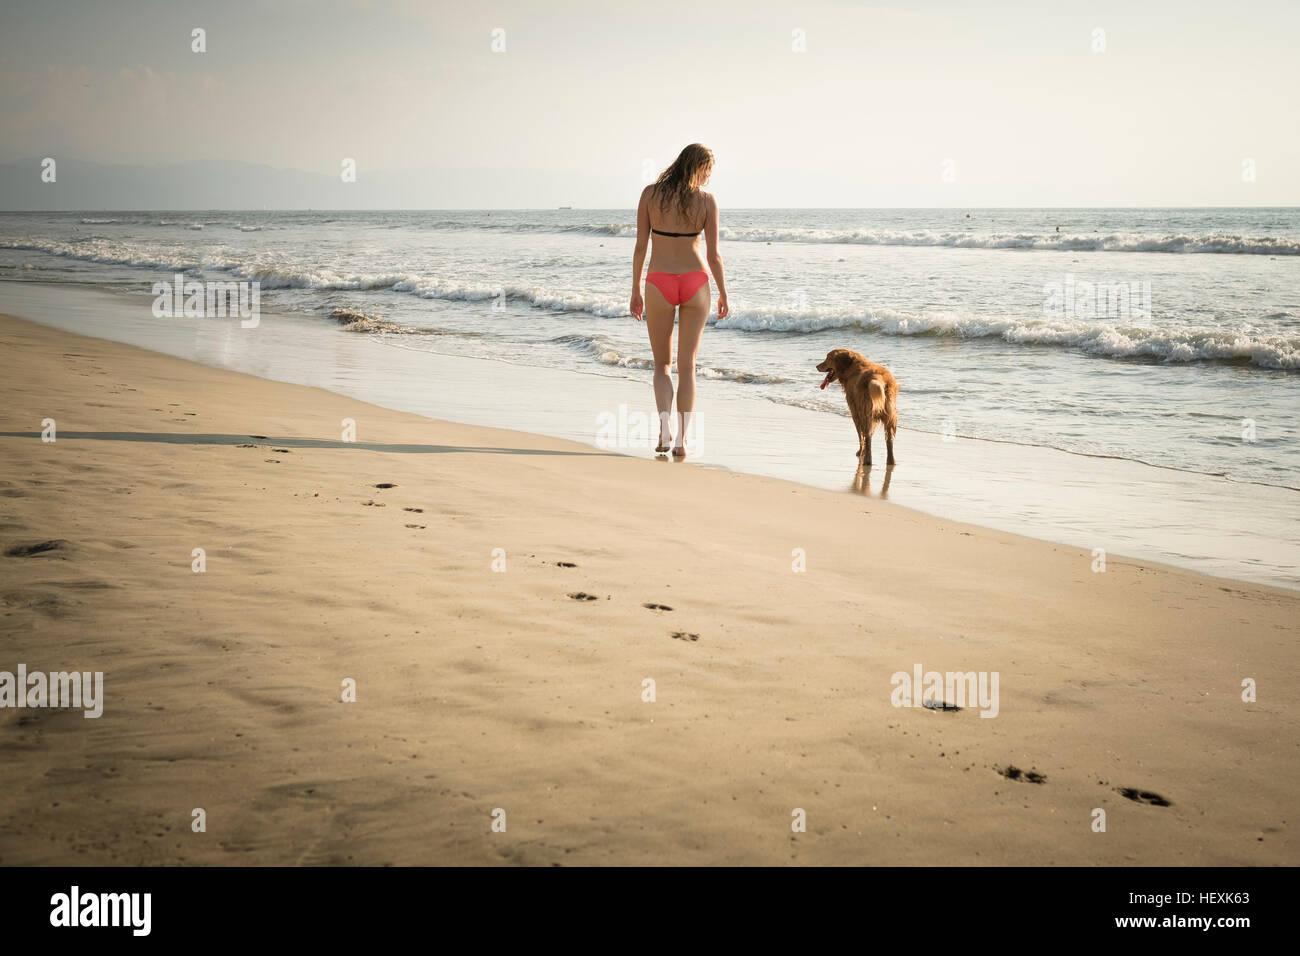 Mexico, Riviera Nayarit, Woman walking with dog at the beach - Stock Image